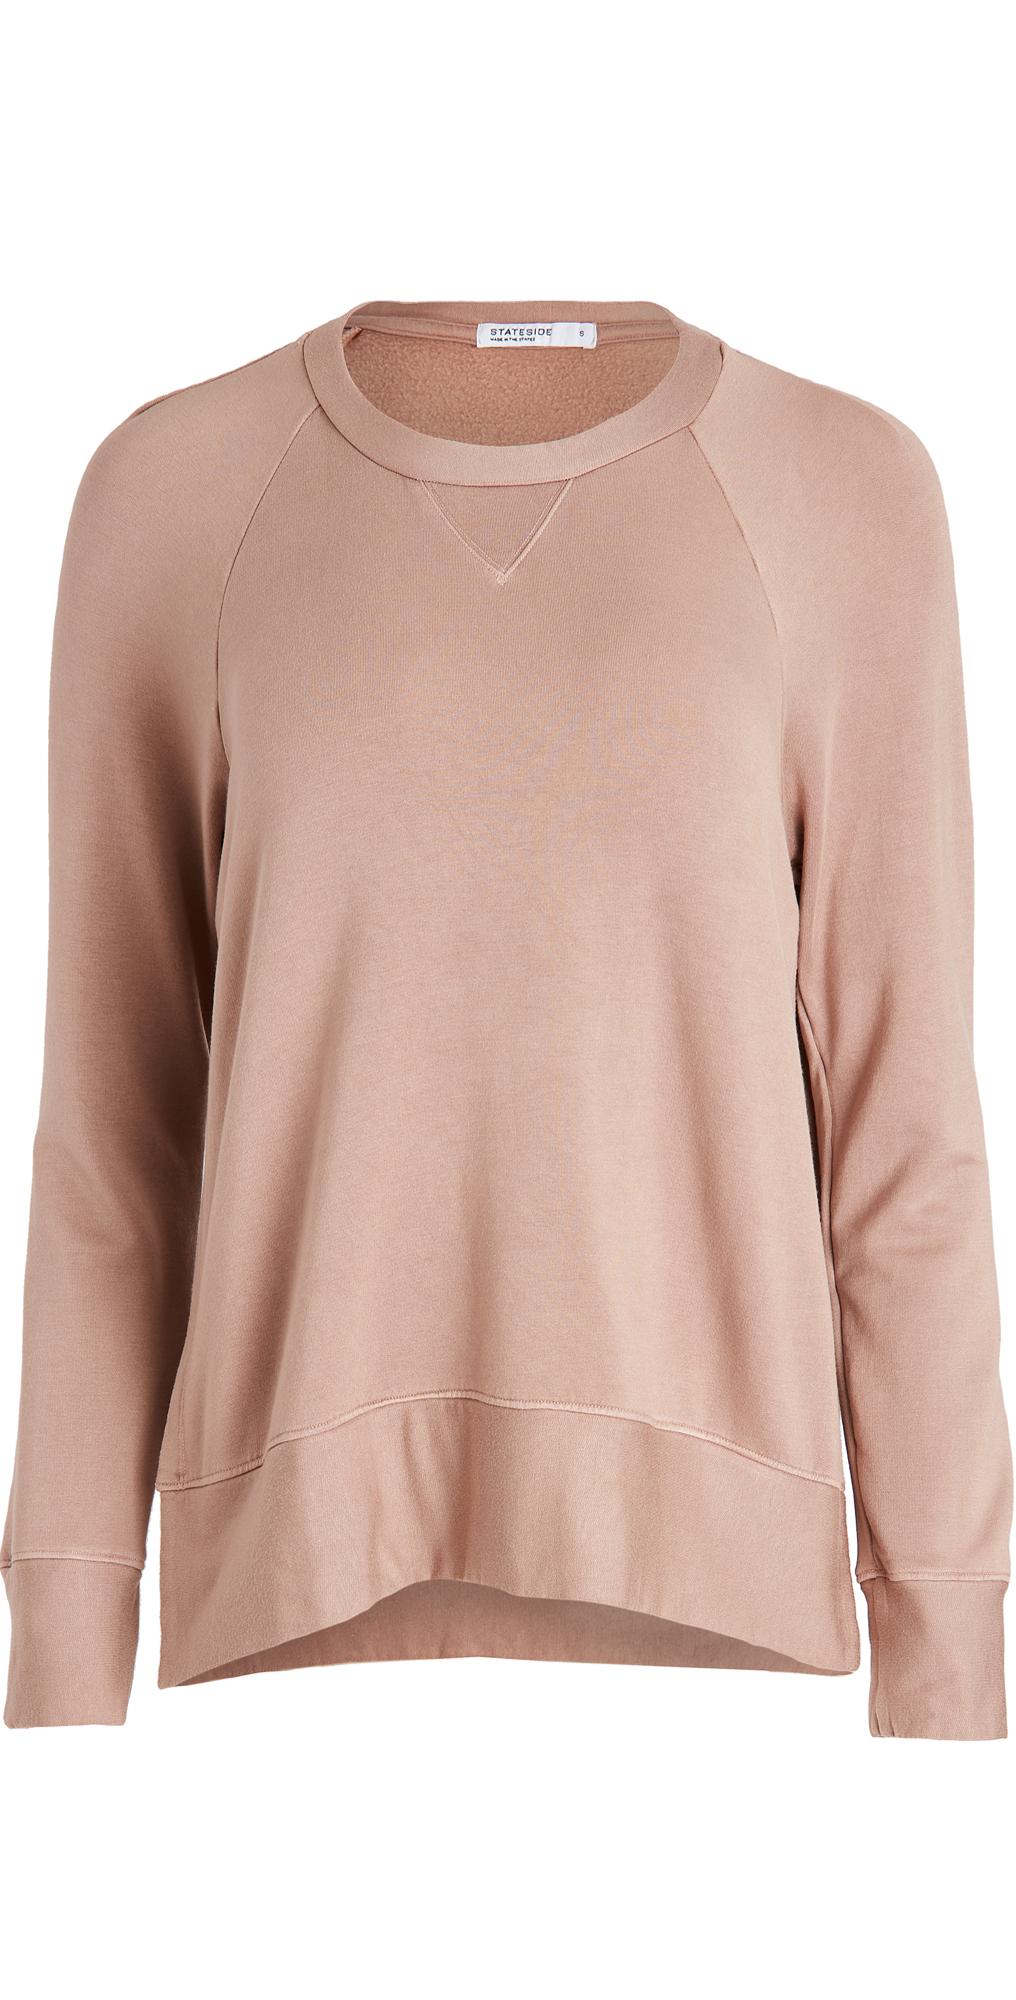 Stateside Fleece Raglan Sweatshirt